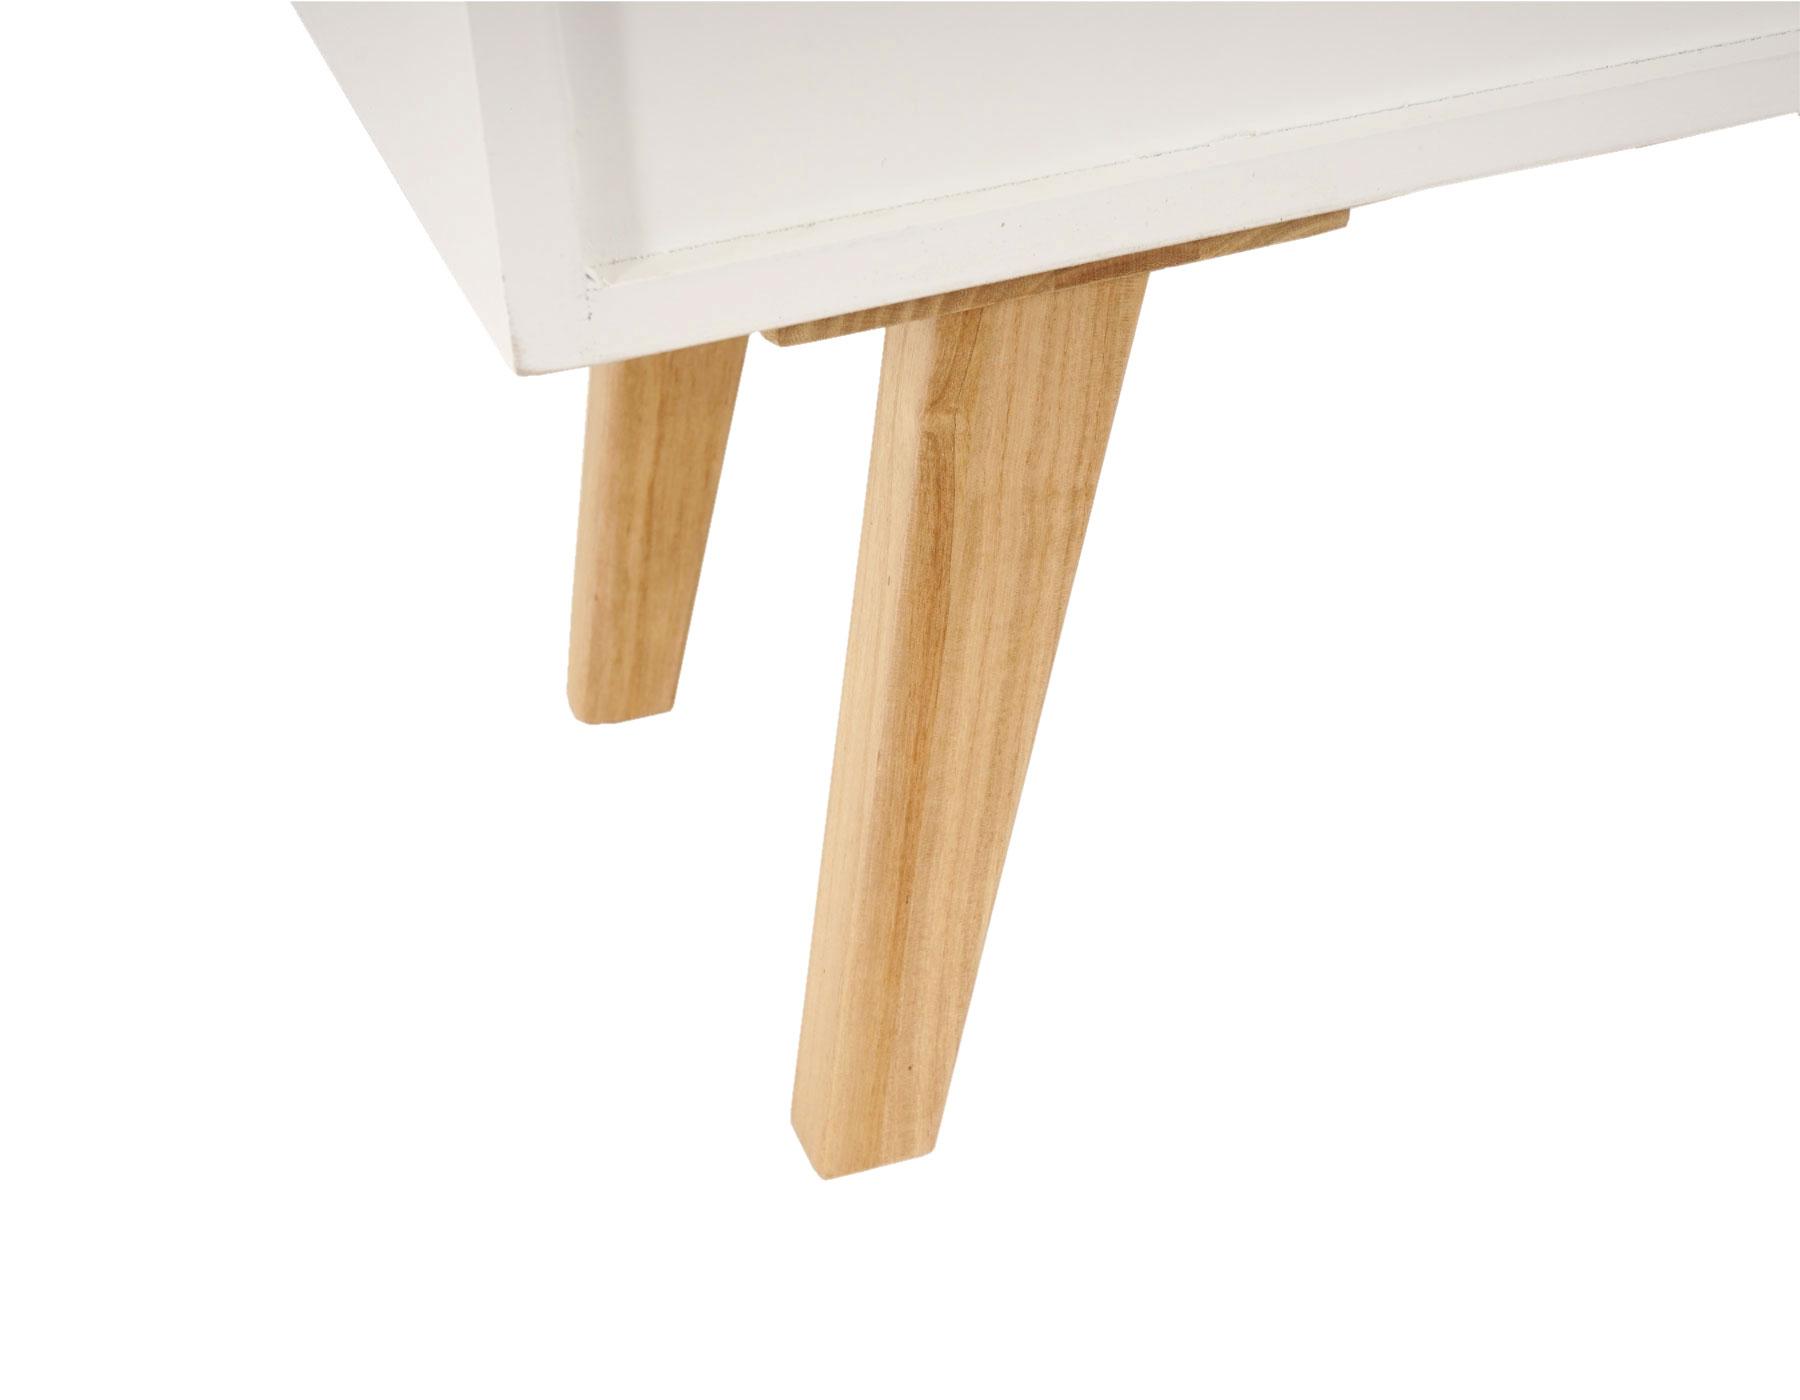 kommode malm t255 beistelltisch schrank retro design. Black Bedroom Furniture Sets. Home Design Ideas